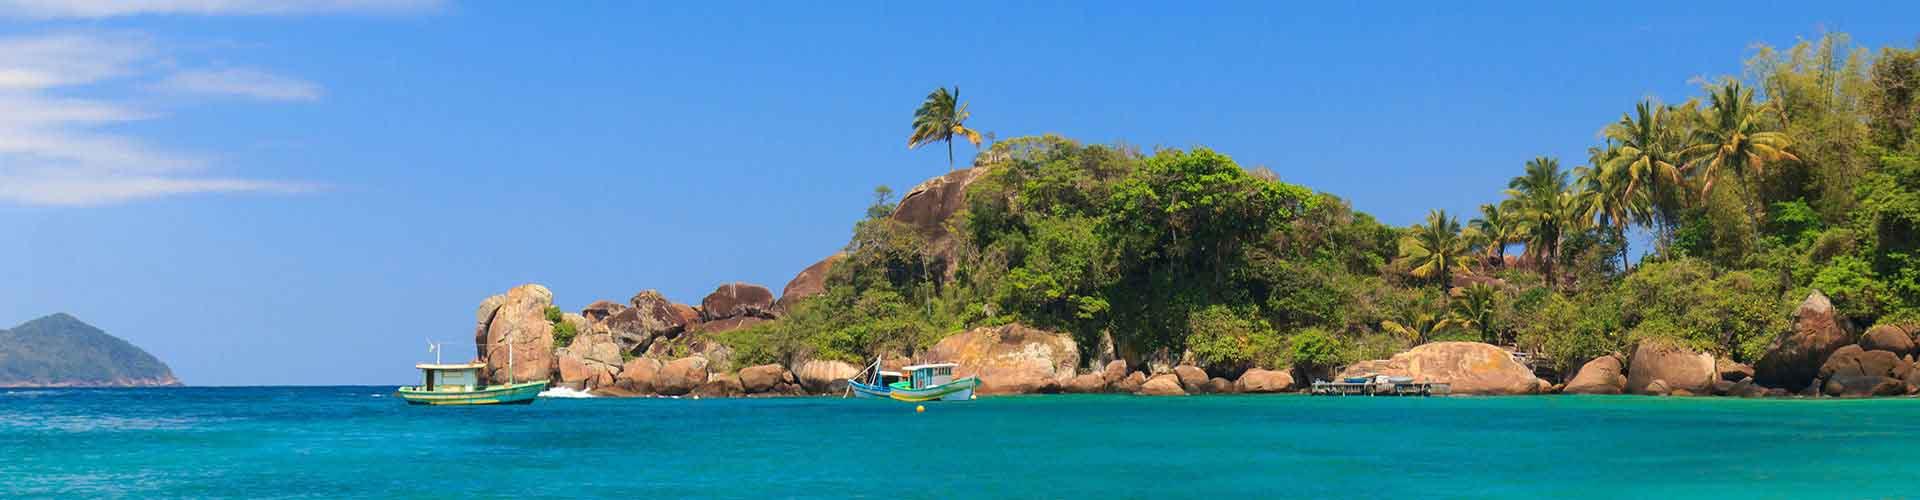 グランデ島 – ホステル グランデ島. 地図 グランデ島, すべてのホステルの写真とレビュー グランデ島.